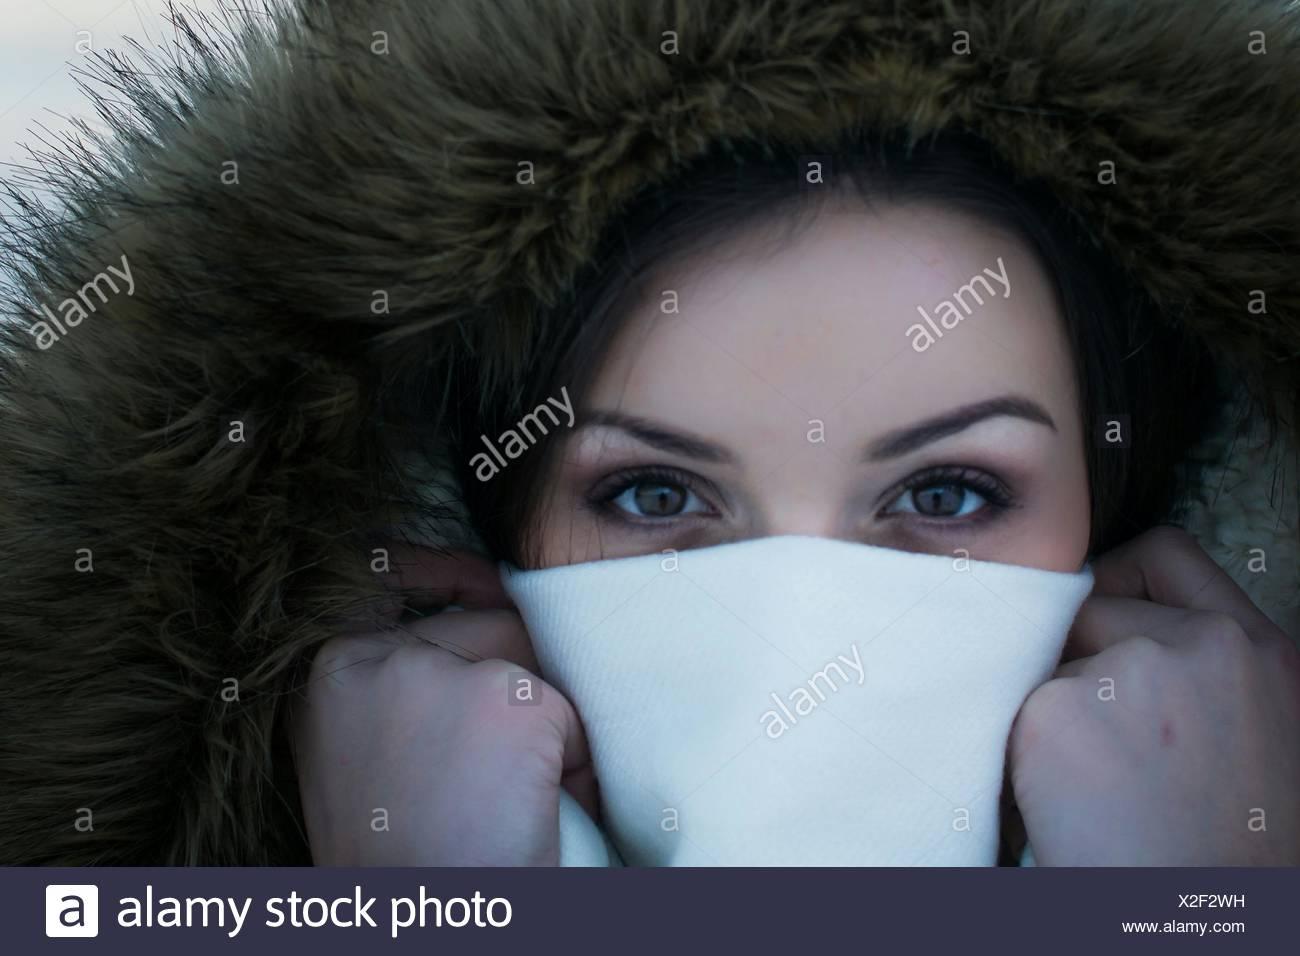 Close-Up Ritratto di giovane donna che ricopre la faccia con igienico Immagini Stock